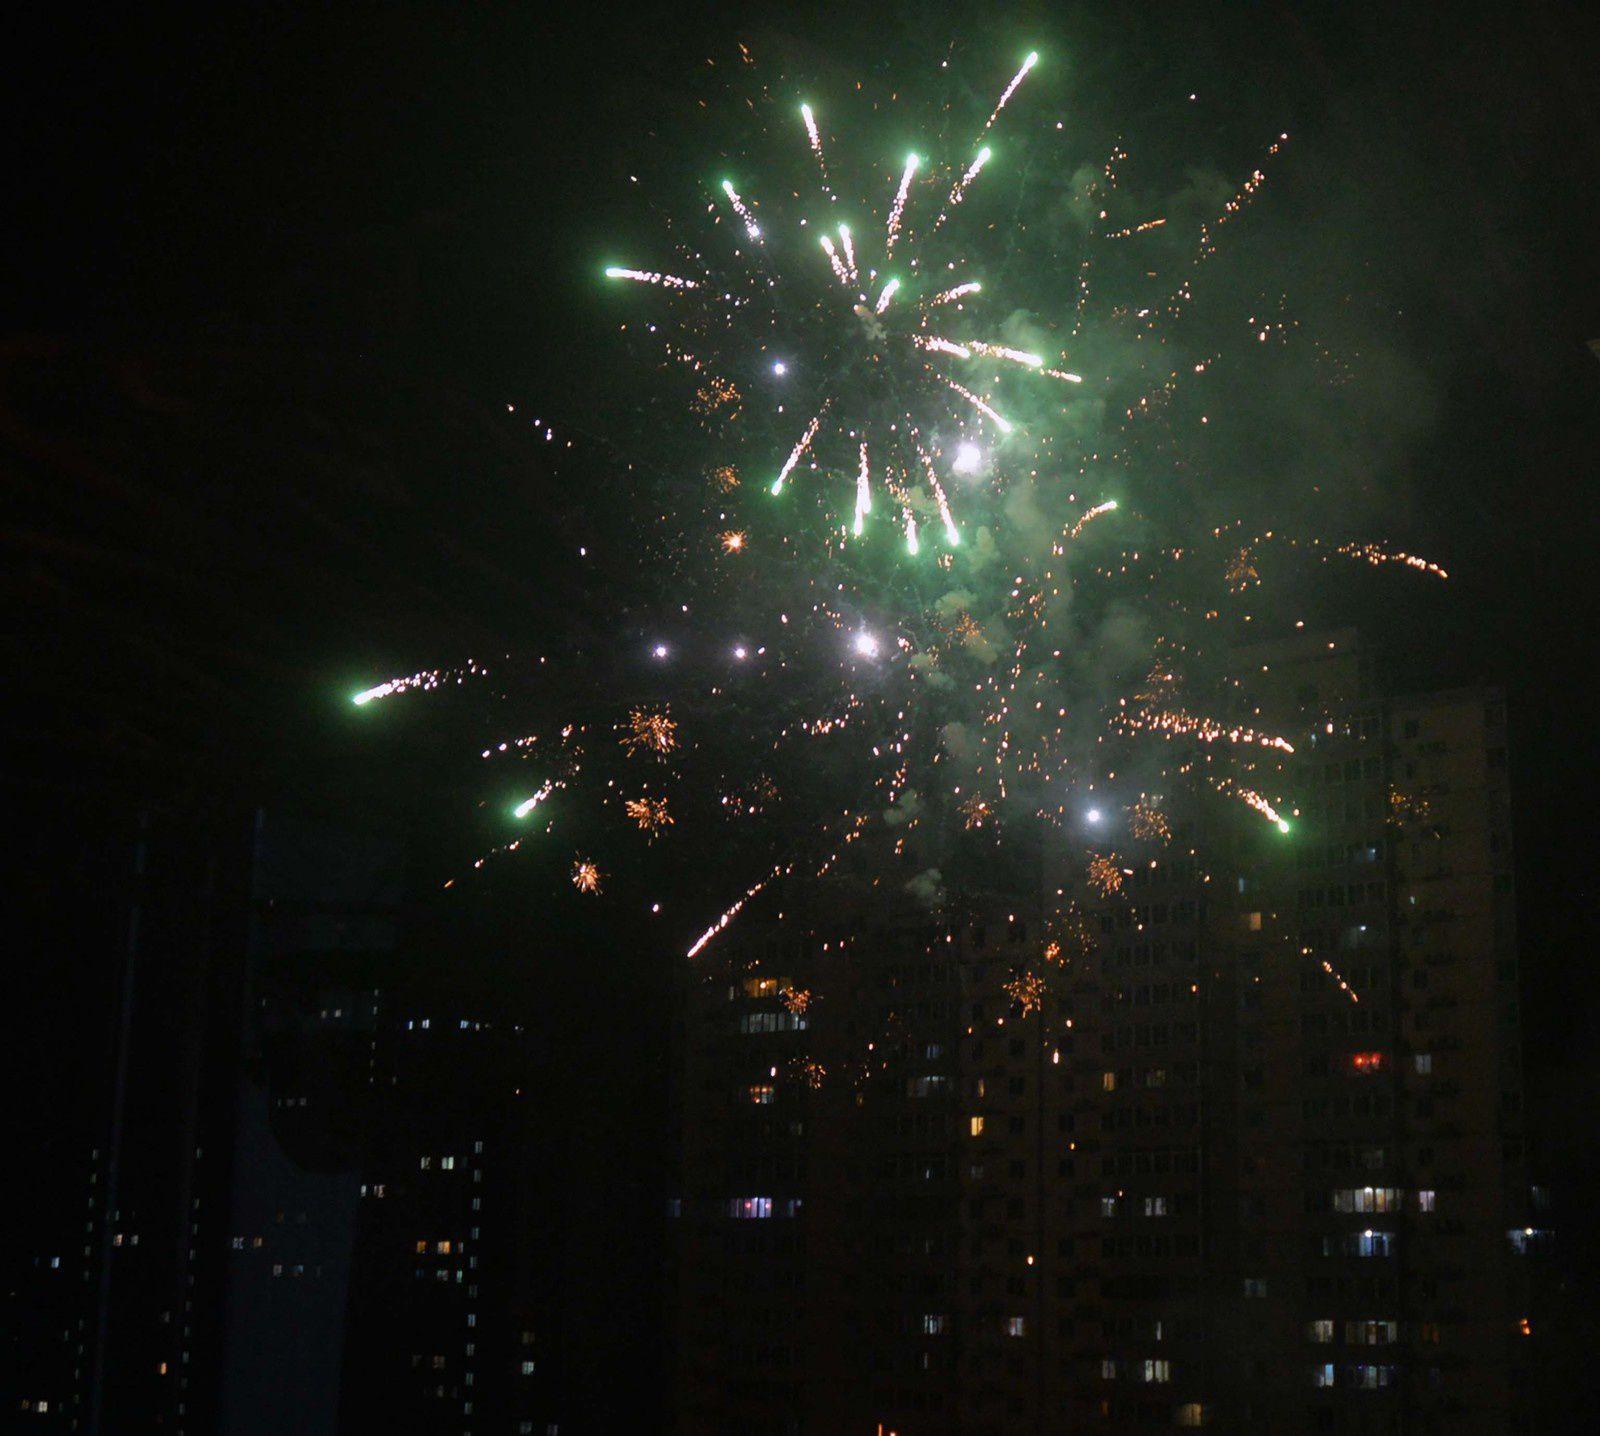 Année du Coq 2017, heure zéro : le grand incendie - 2017 鸡年除夕: 北京着火